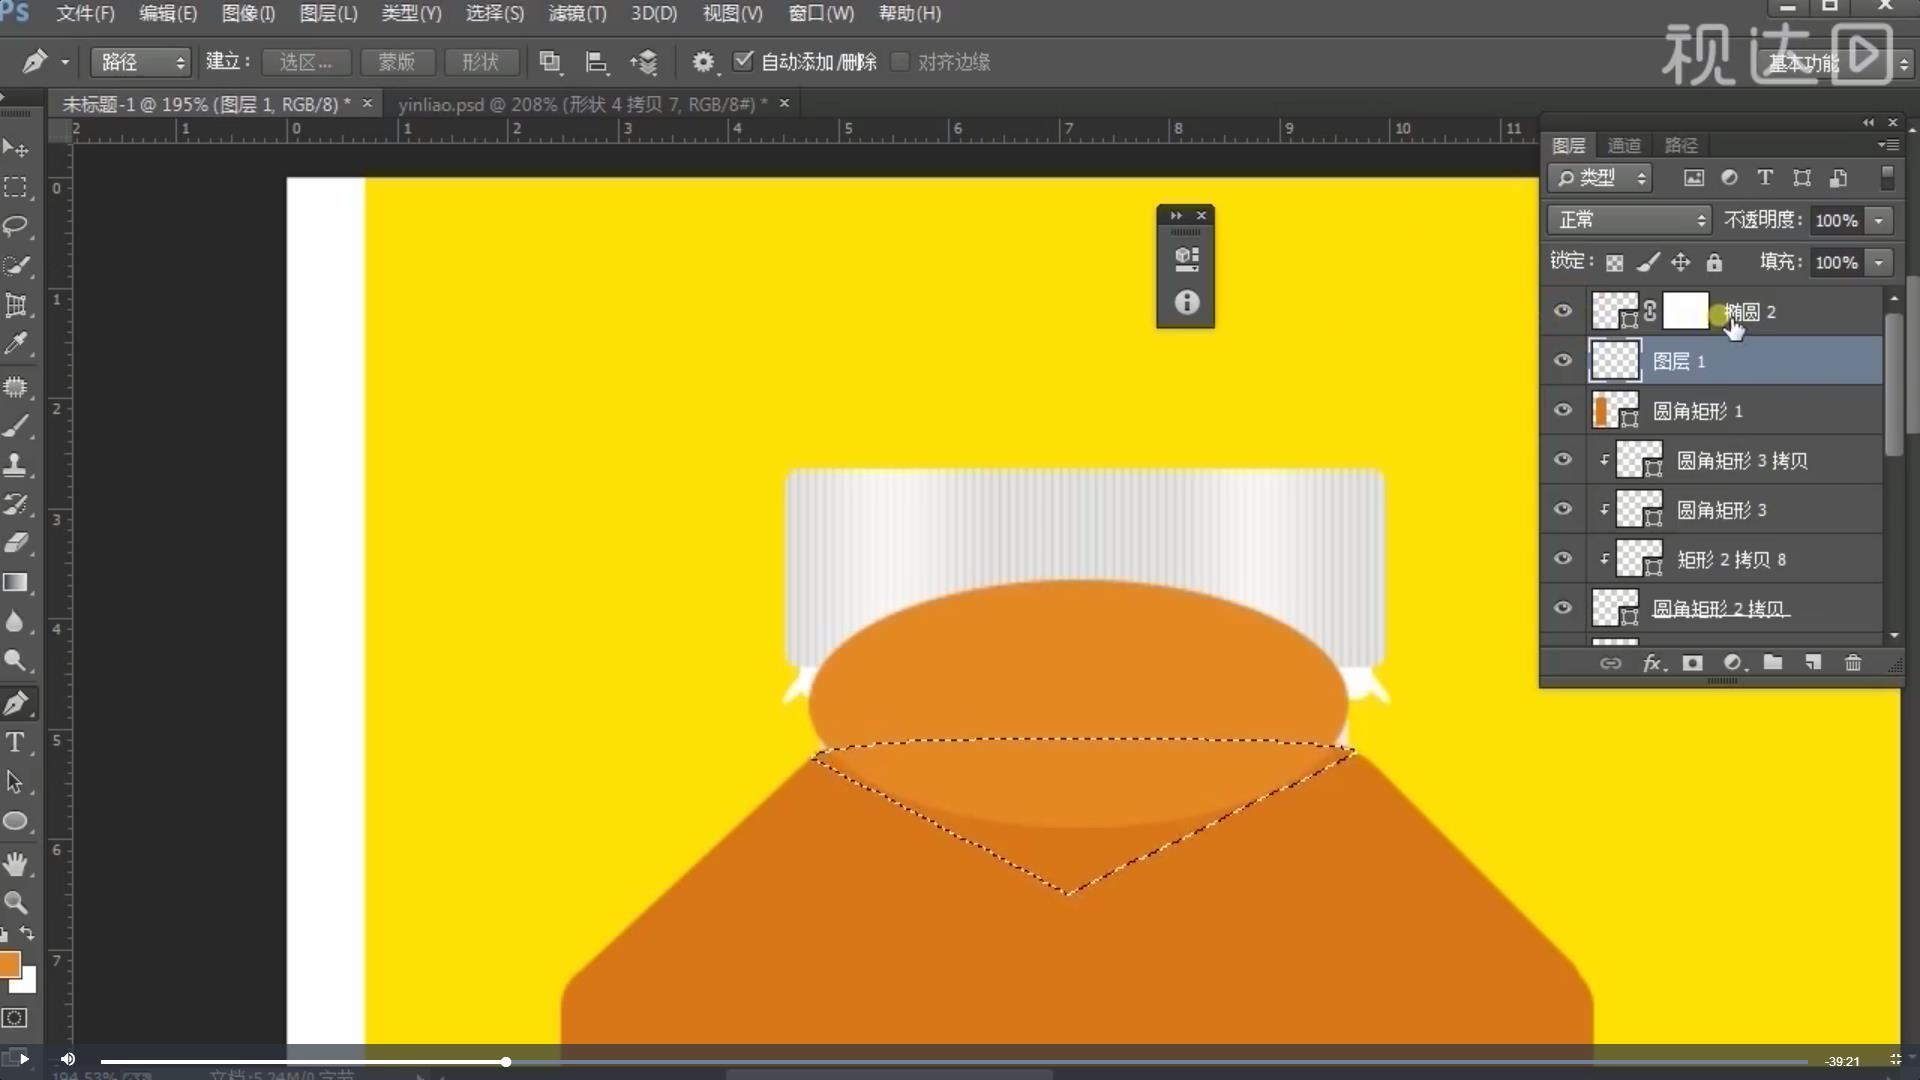 6.新建椭圆,填充颜色;用钢笔工具描绘形状,给椭圆添加蒙版,反选删除;调整羽化值;.jpg